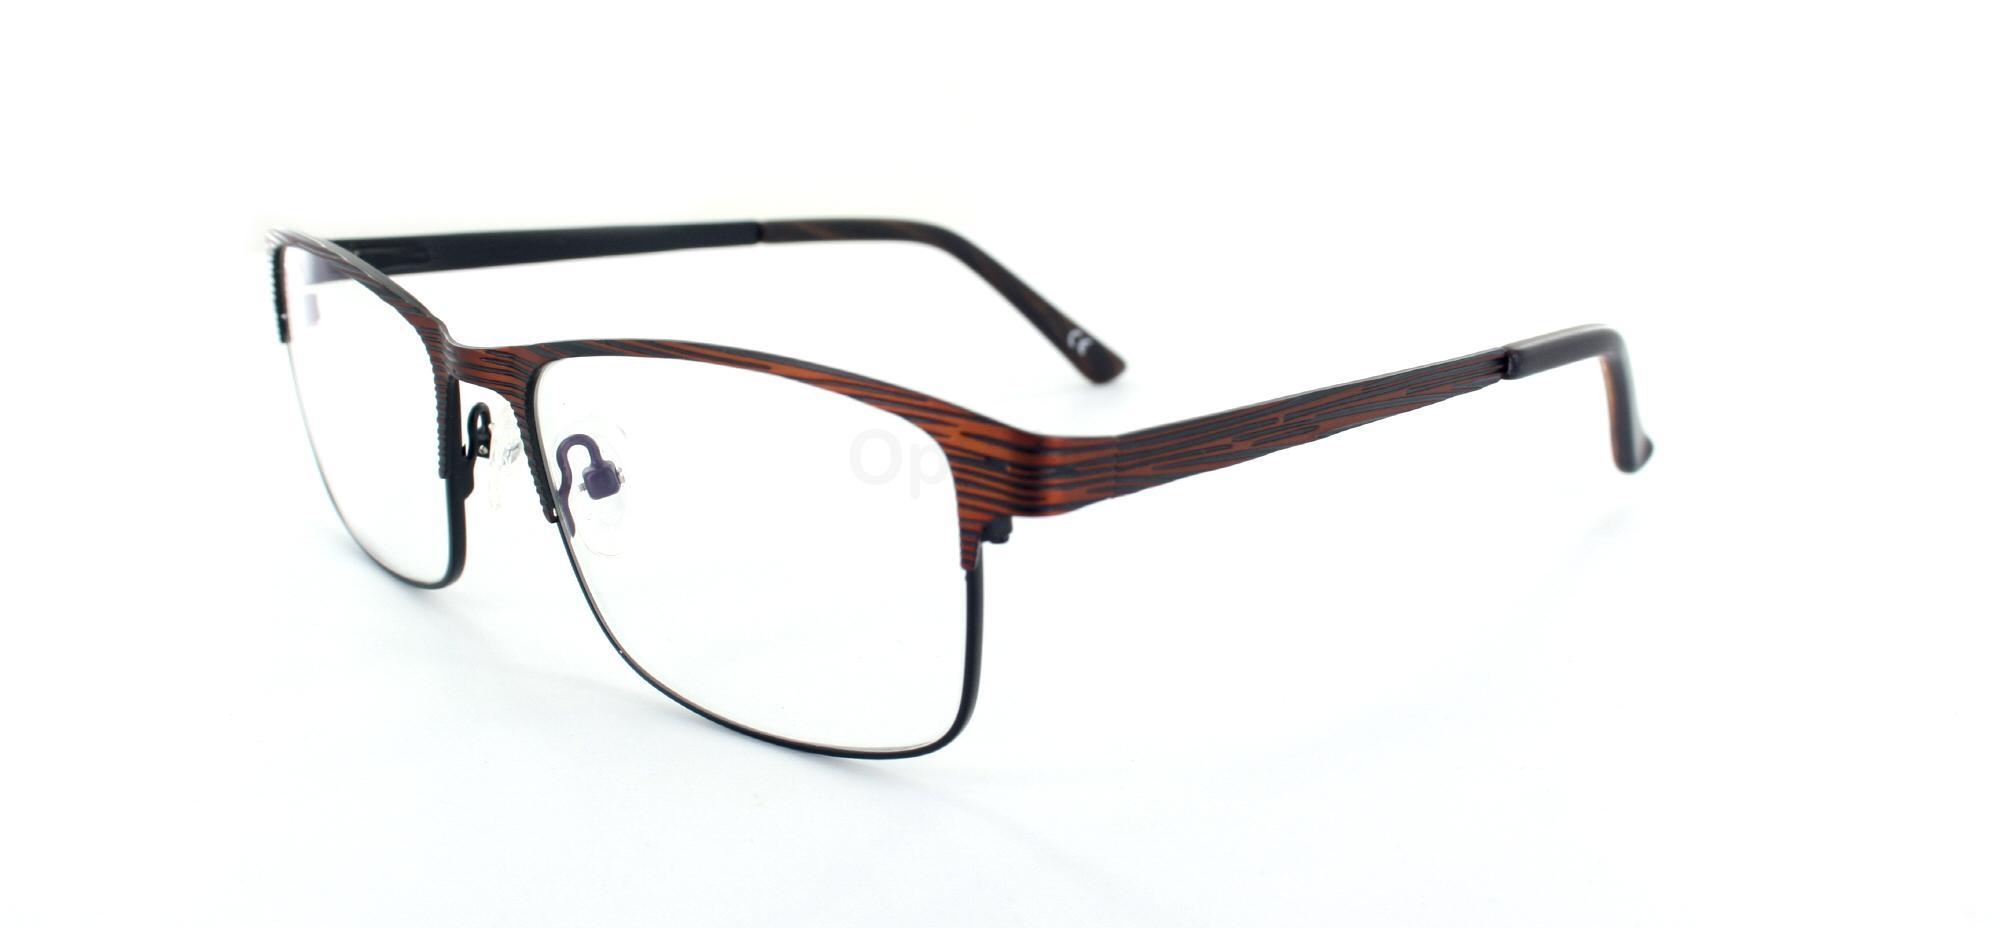 C4 8608 Glasses, SelectSpecs